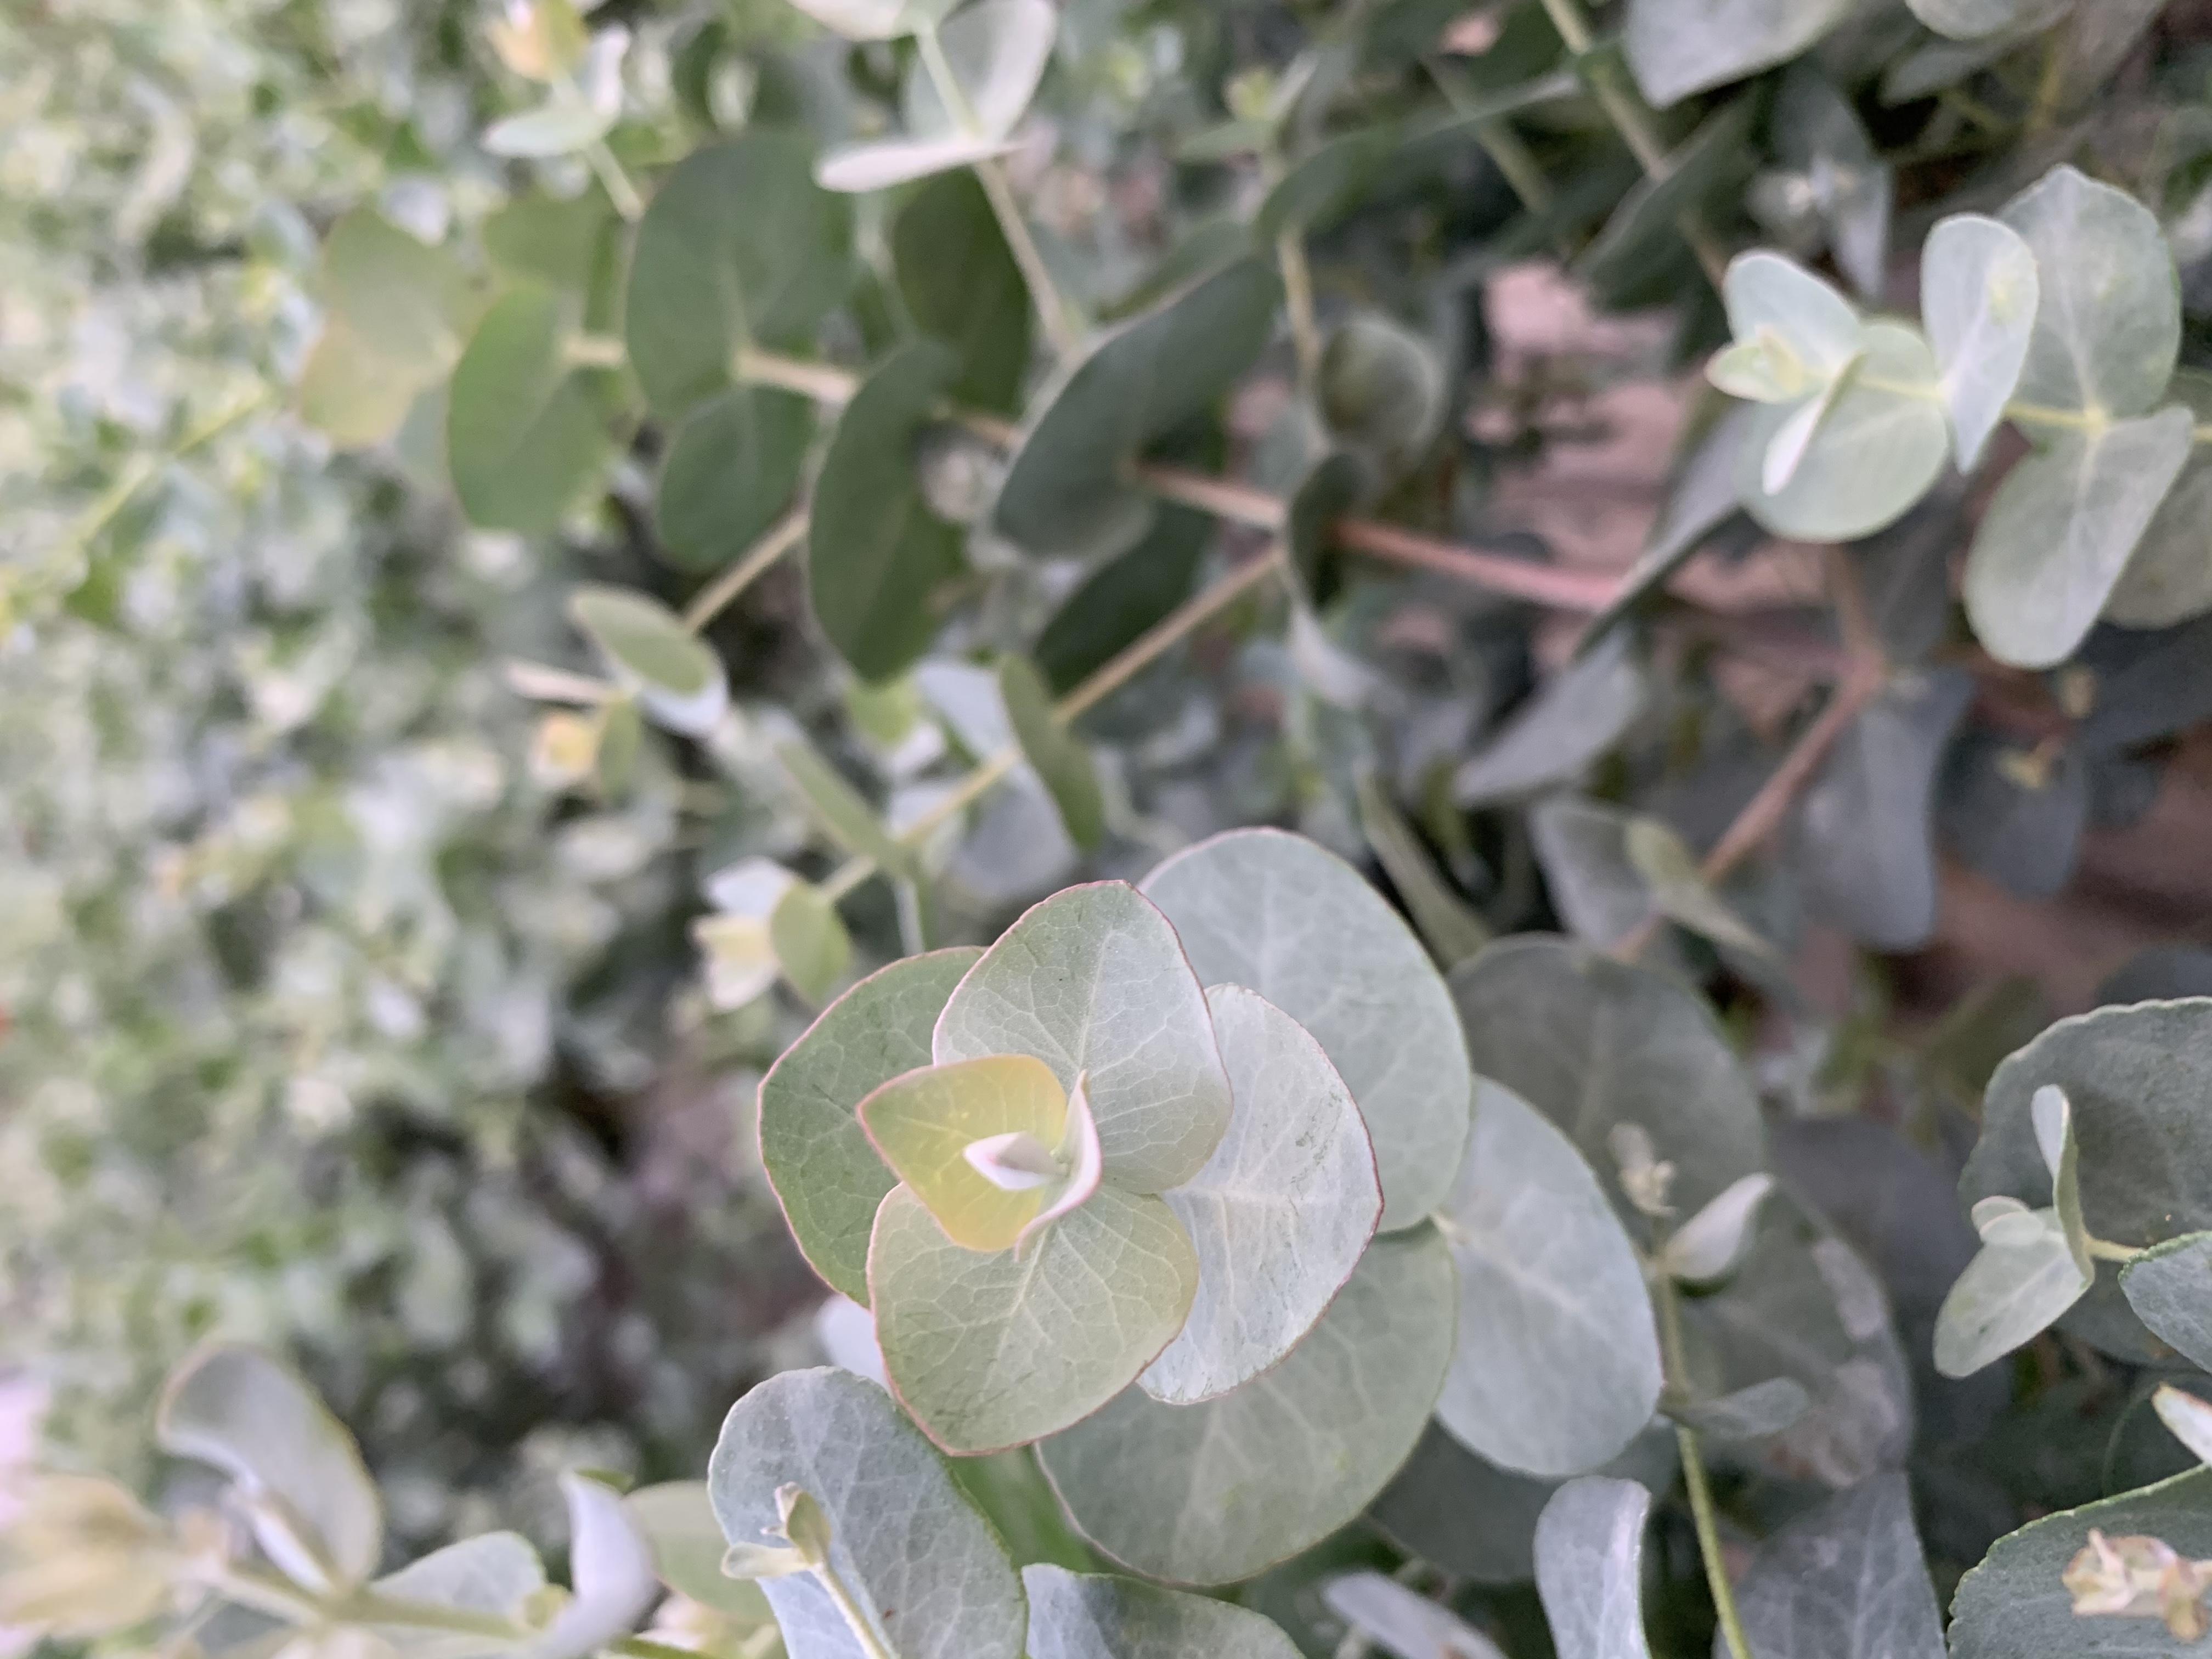 L'eucalipto è un albero sempreverde che cresce rapidamente. Le sue foglie contengono olio essenziale, acidi fenolici, flavonoidi e tannini, quindi con proprietà espettoranti, mucolitiche antisettiche e antinfiammatorie.